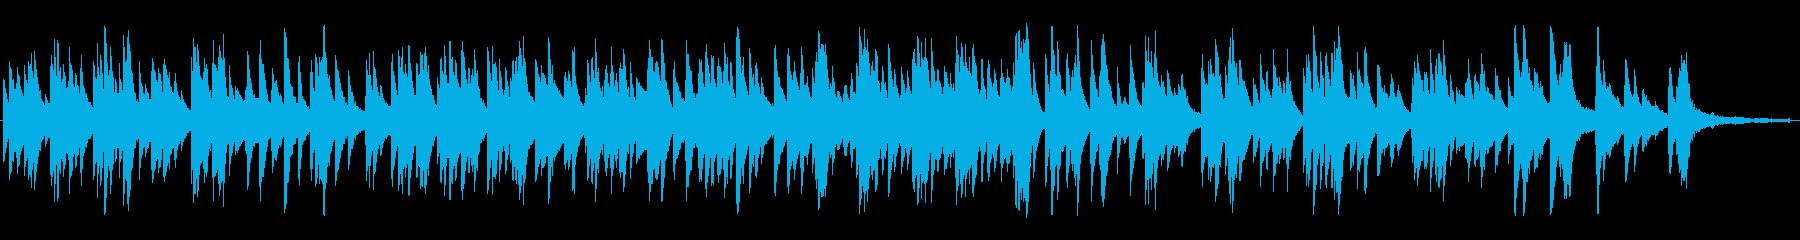 映画「カサブランカ」テーマ曲ピアノソロの再生済みの波形